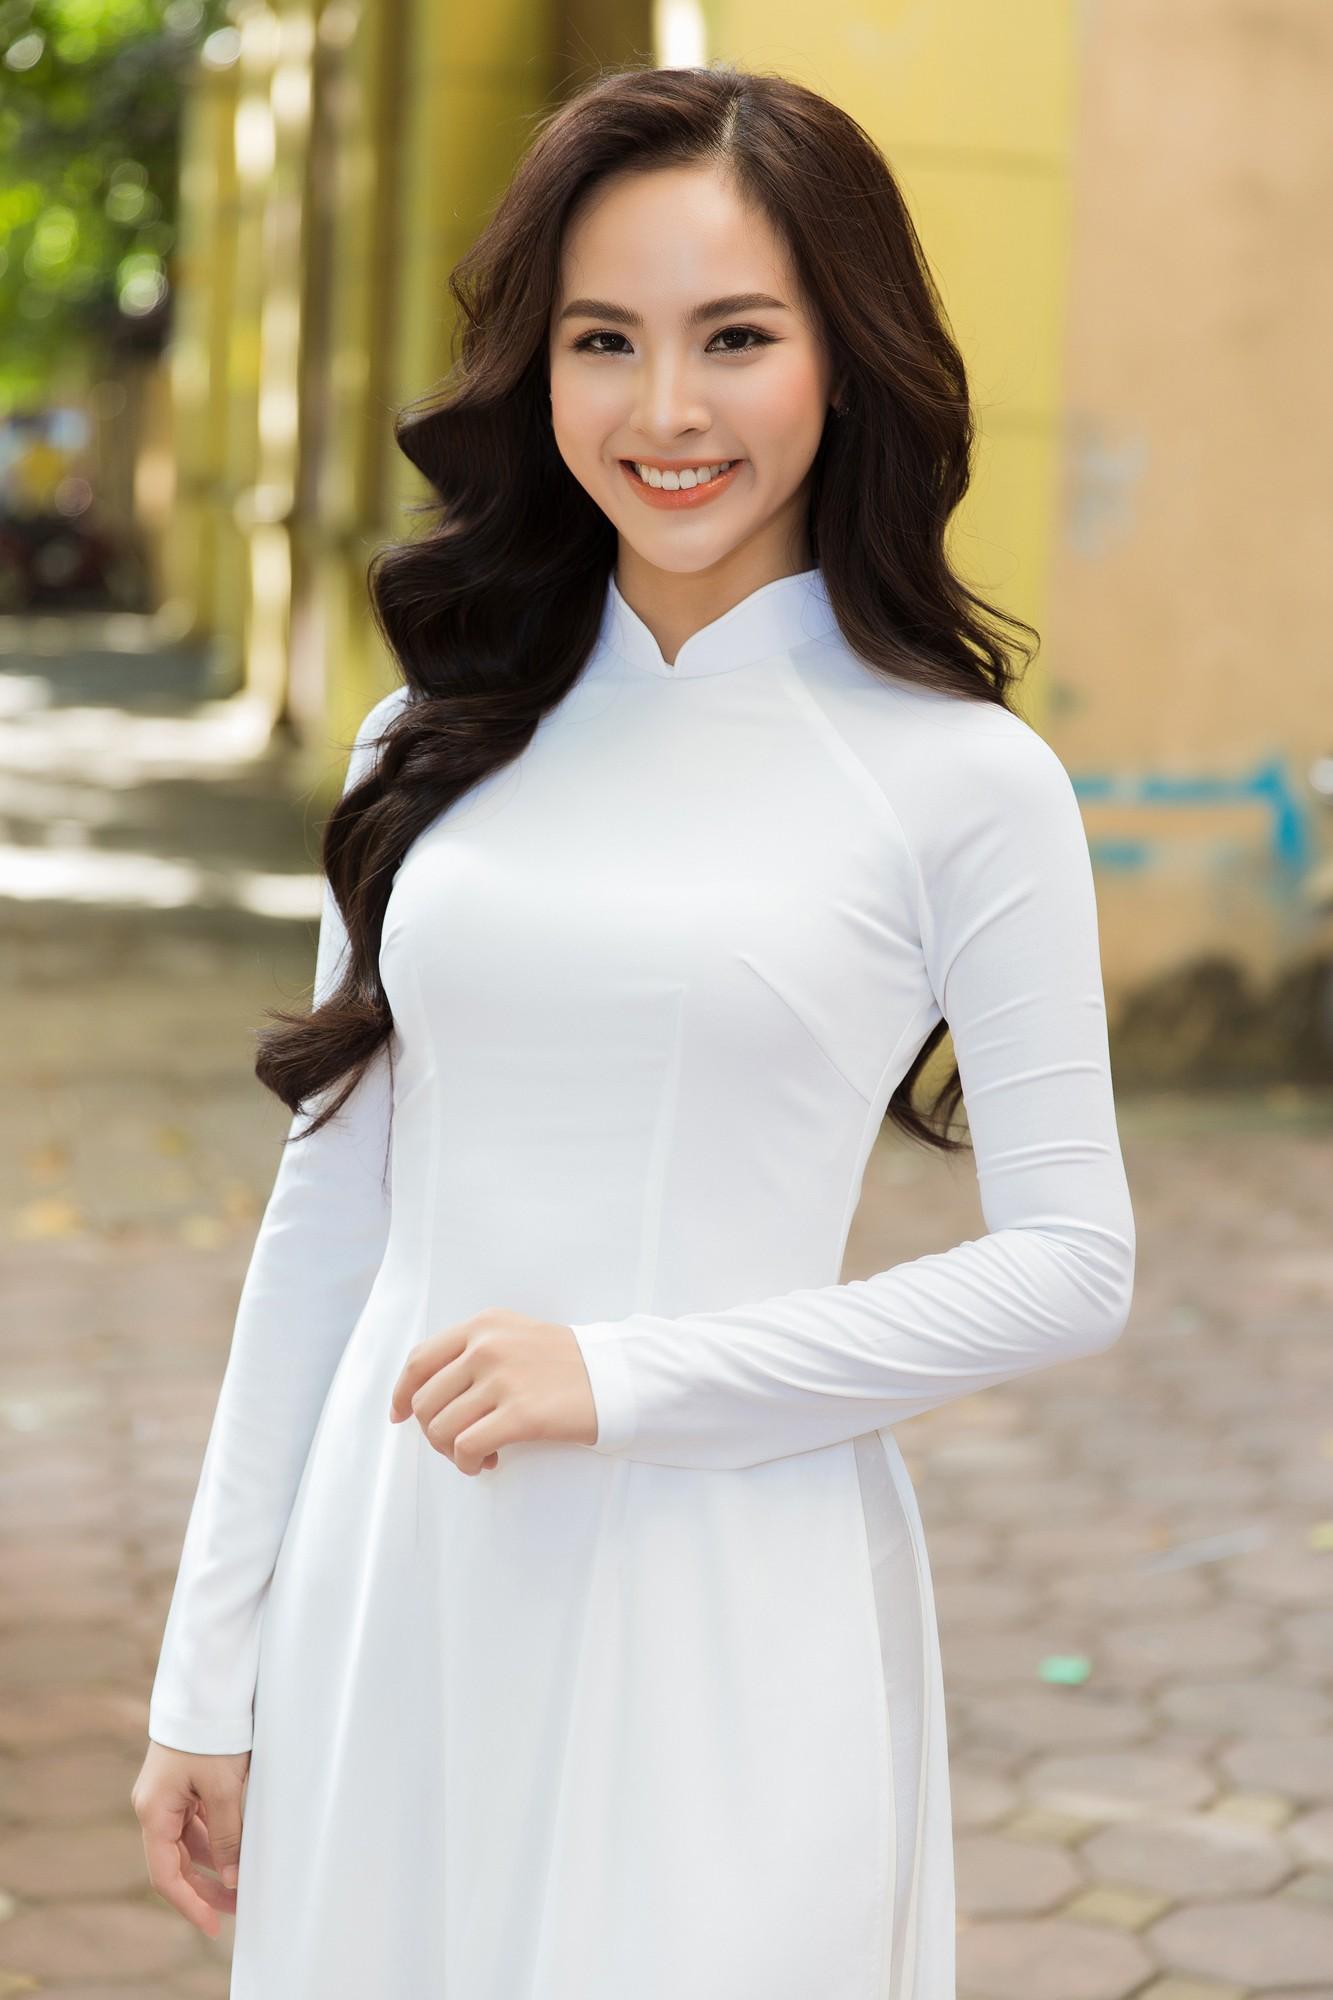 Dàn cực phẩm lọt chung kết Hoa hậu thế giới Việt Nam 2019: Toàn là Hoa khôi, Á khôi các cuộc thi sắc đẹp sinh viên! - Ảnh 4.